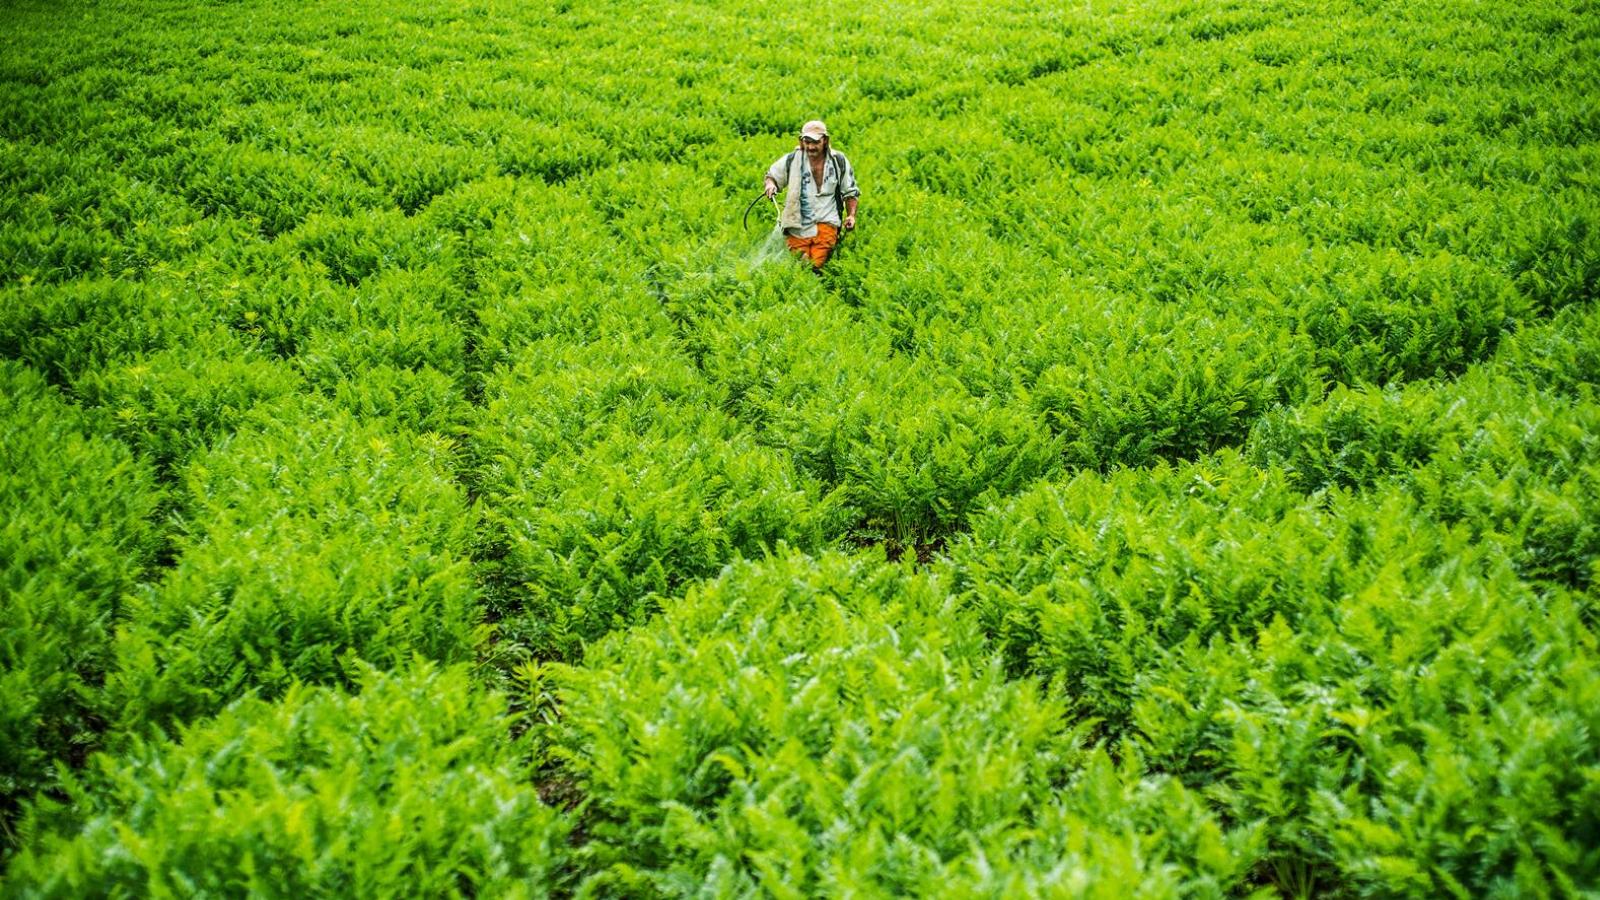 los-seguros-agropecuarios-son-una-medida-a-disposicion-de-los-campesinos-en-colombia-para-reducir-los-danos-que-dejan-eventos-climaticos-como-las-heladas